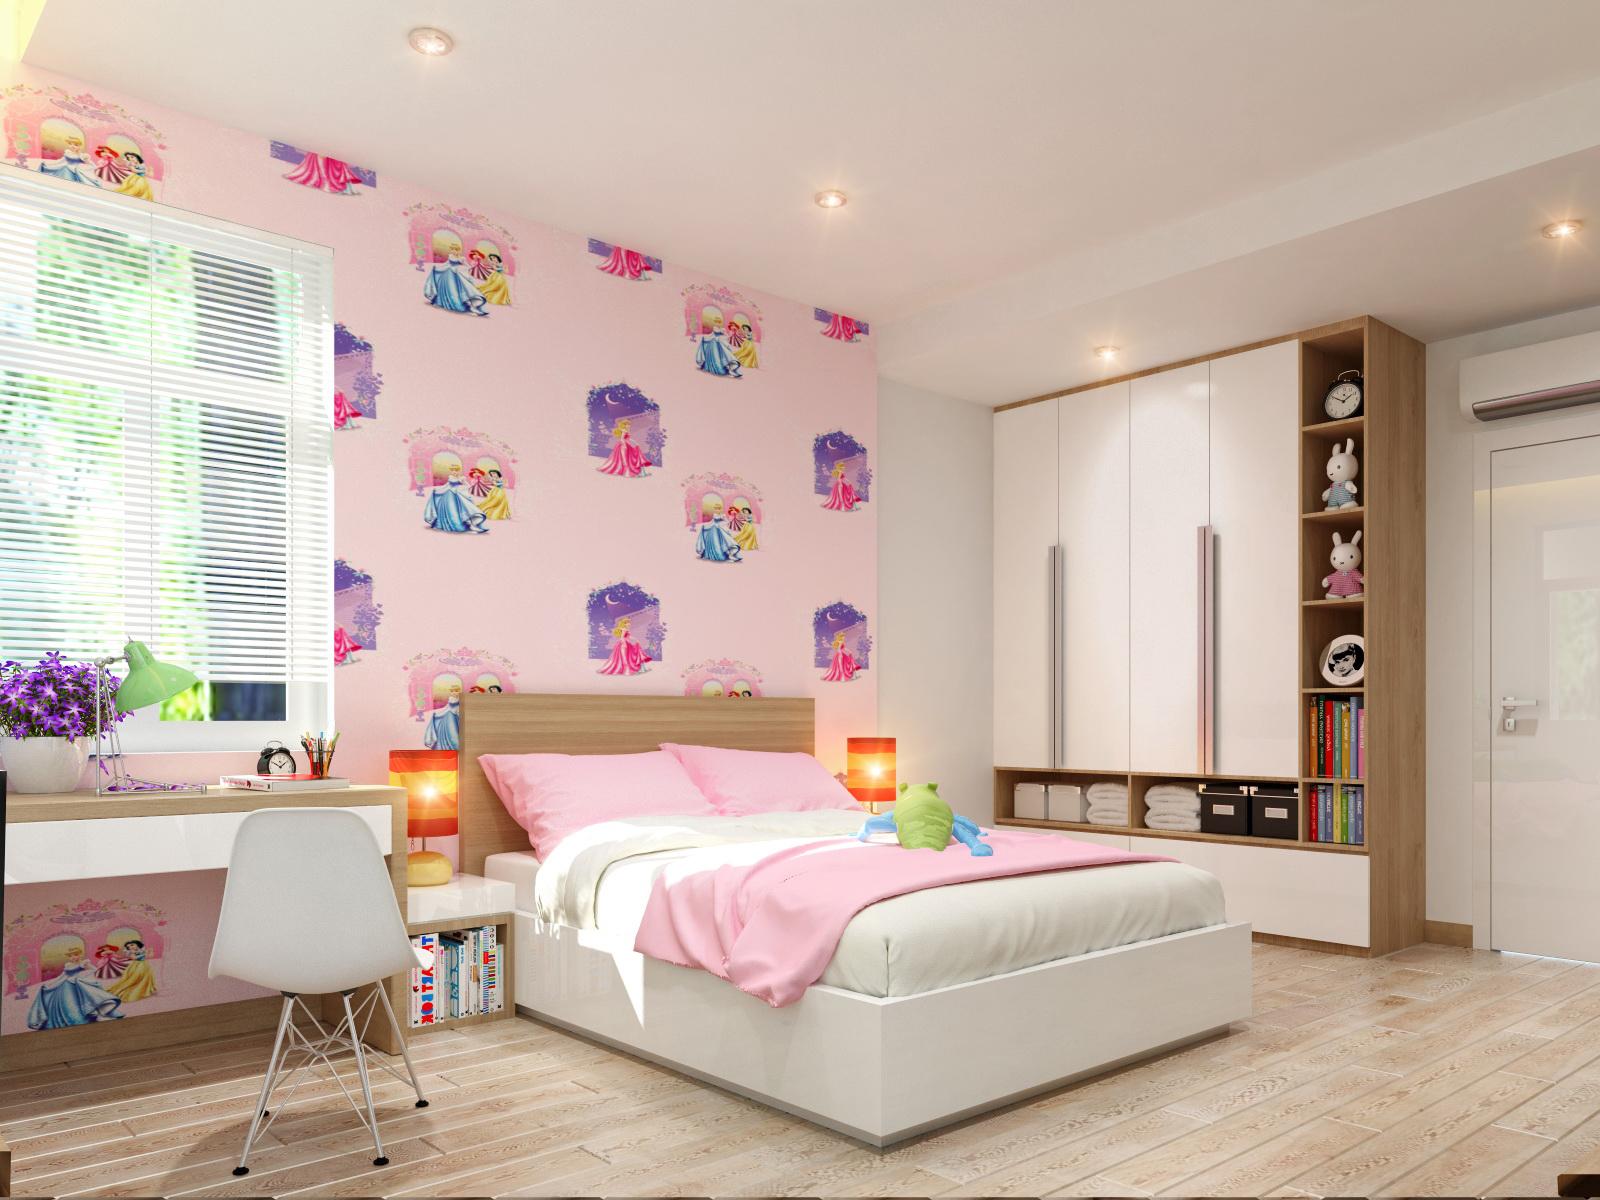 Nếu con gái bạn yêu thích đa sắc màu, bạn có thể trang trí mẫu phòng ngủ đẹp có nhiều màu sắc như thế